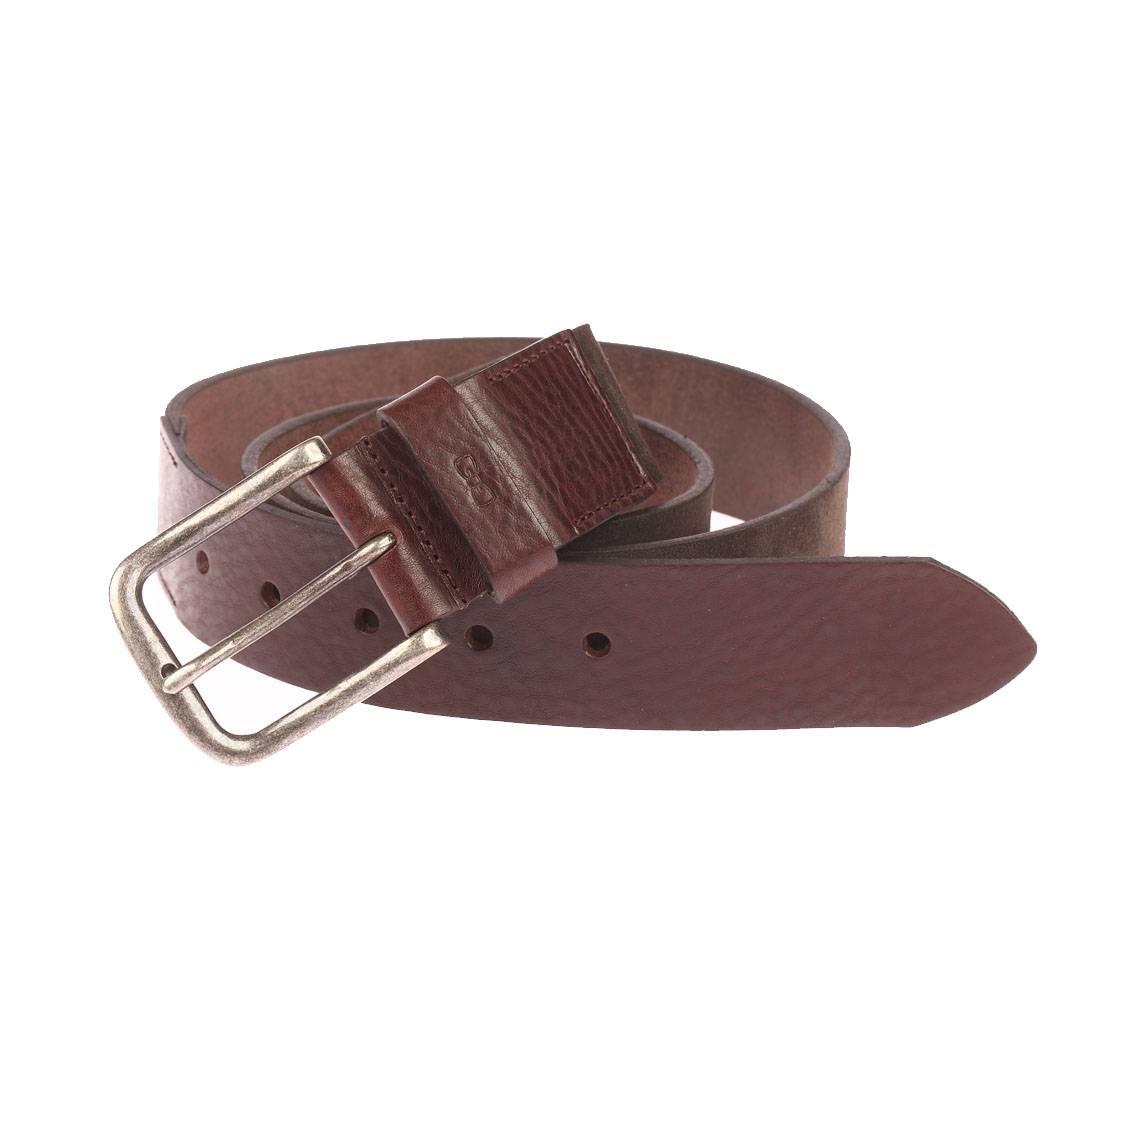 Large ceinture  en cuir suèdé et en cuir texturé marron